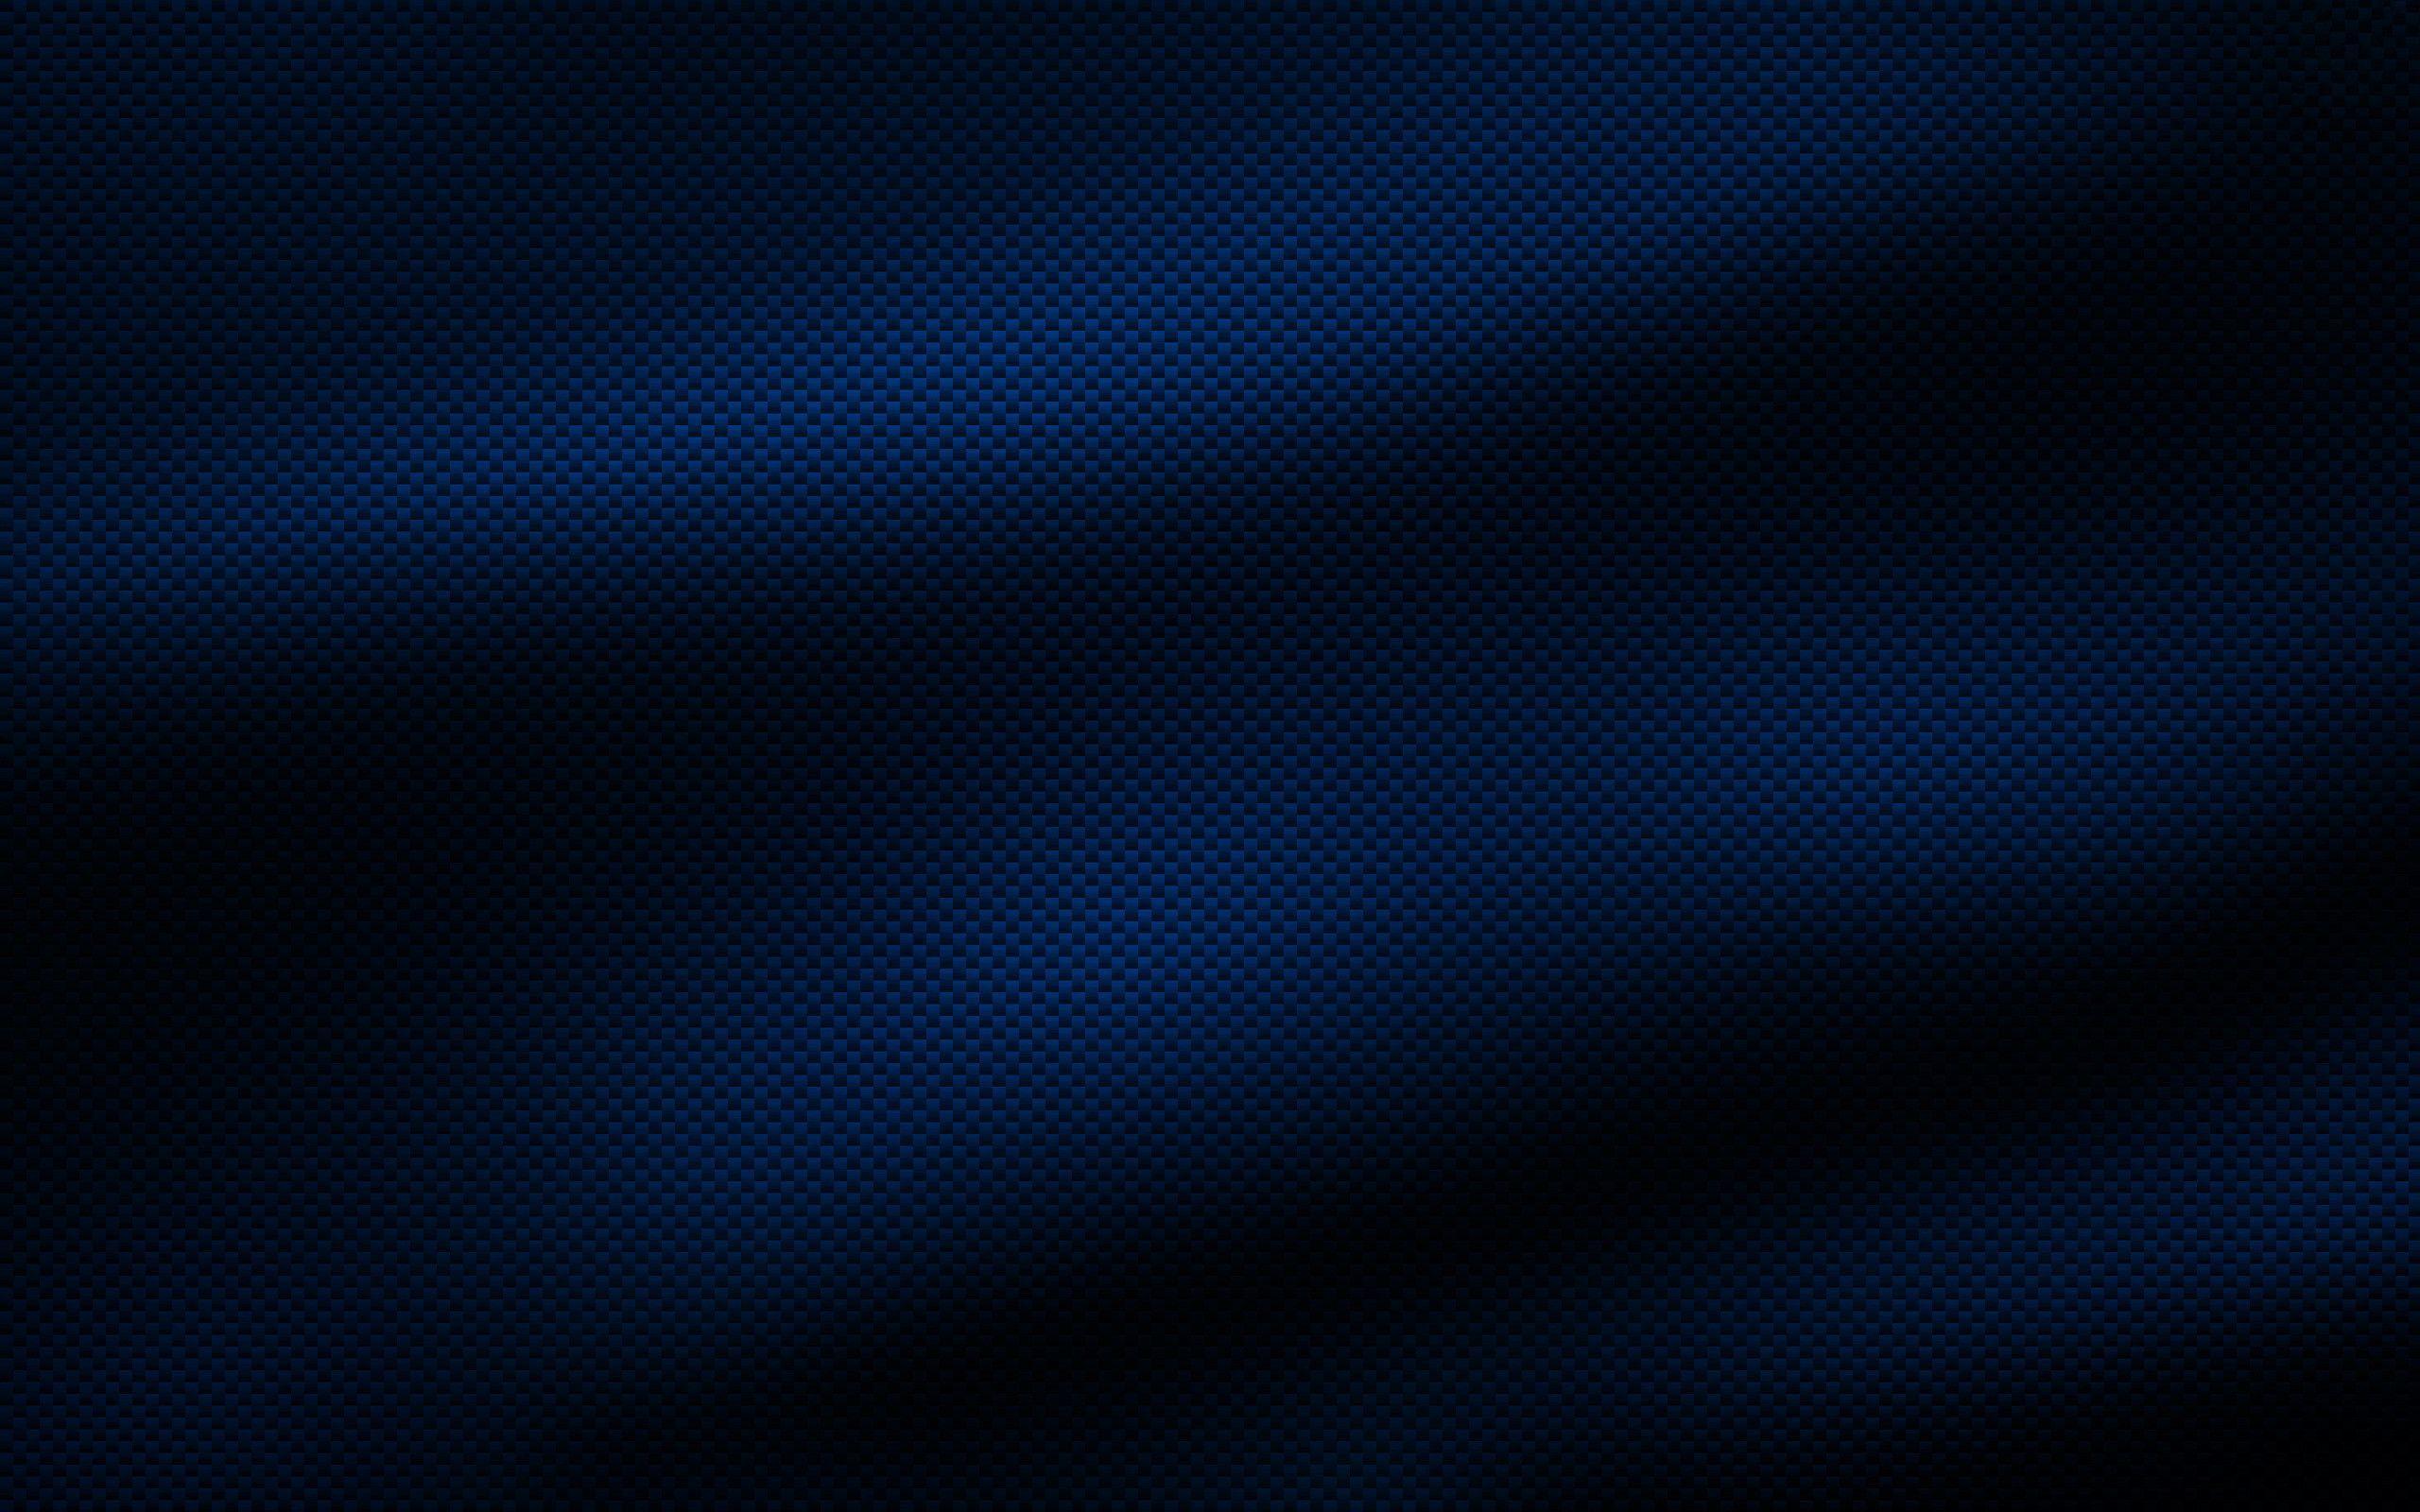 carbon fiber wallpapers wallpaper cave